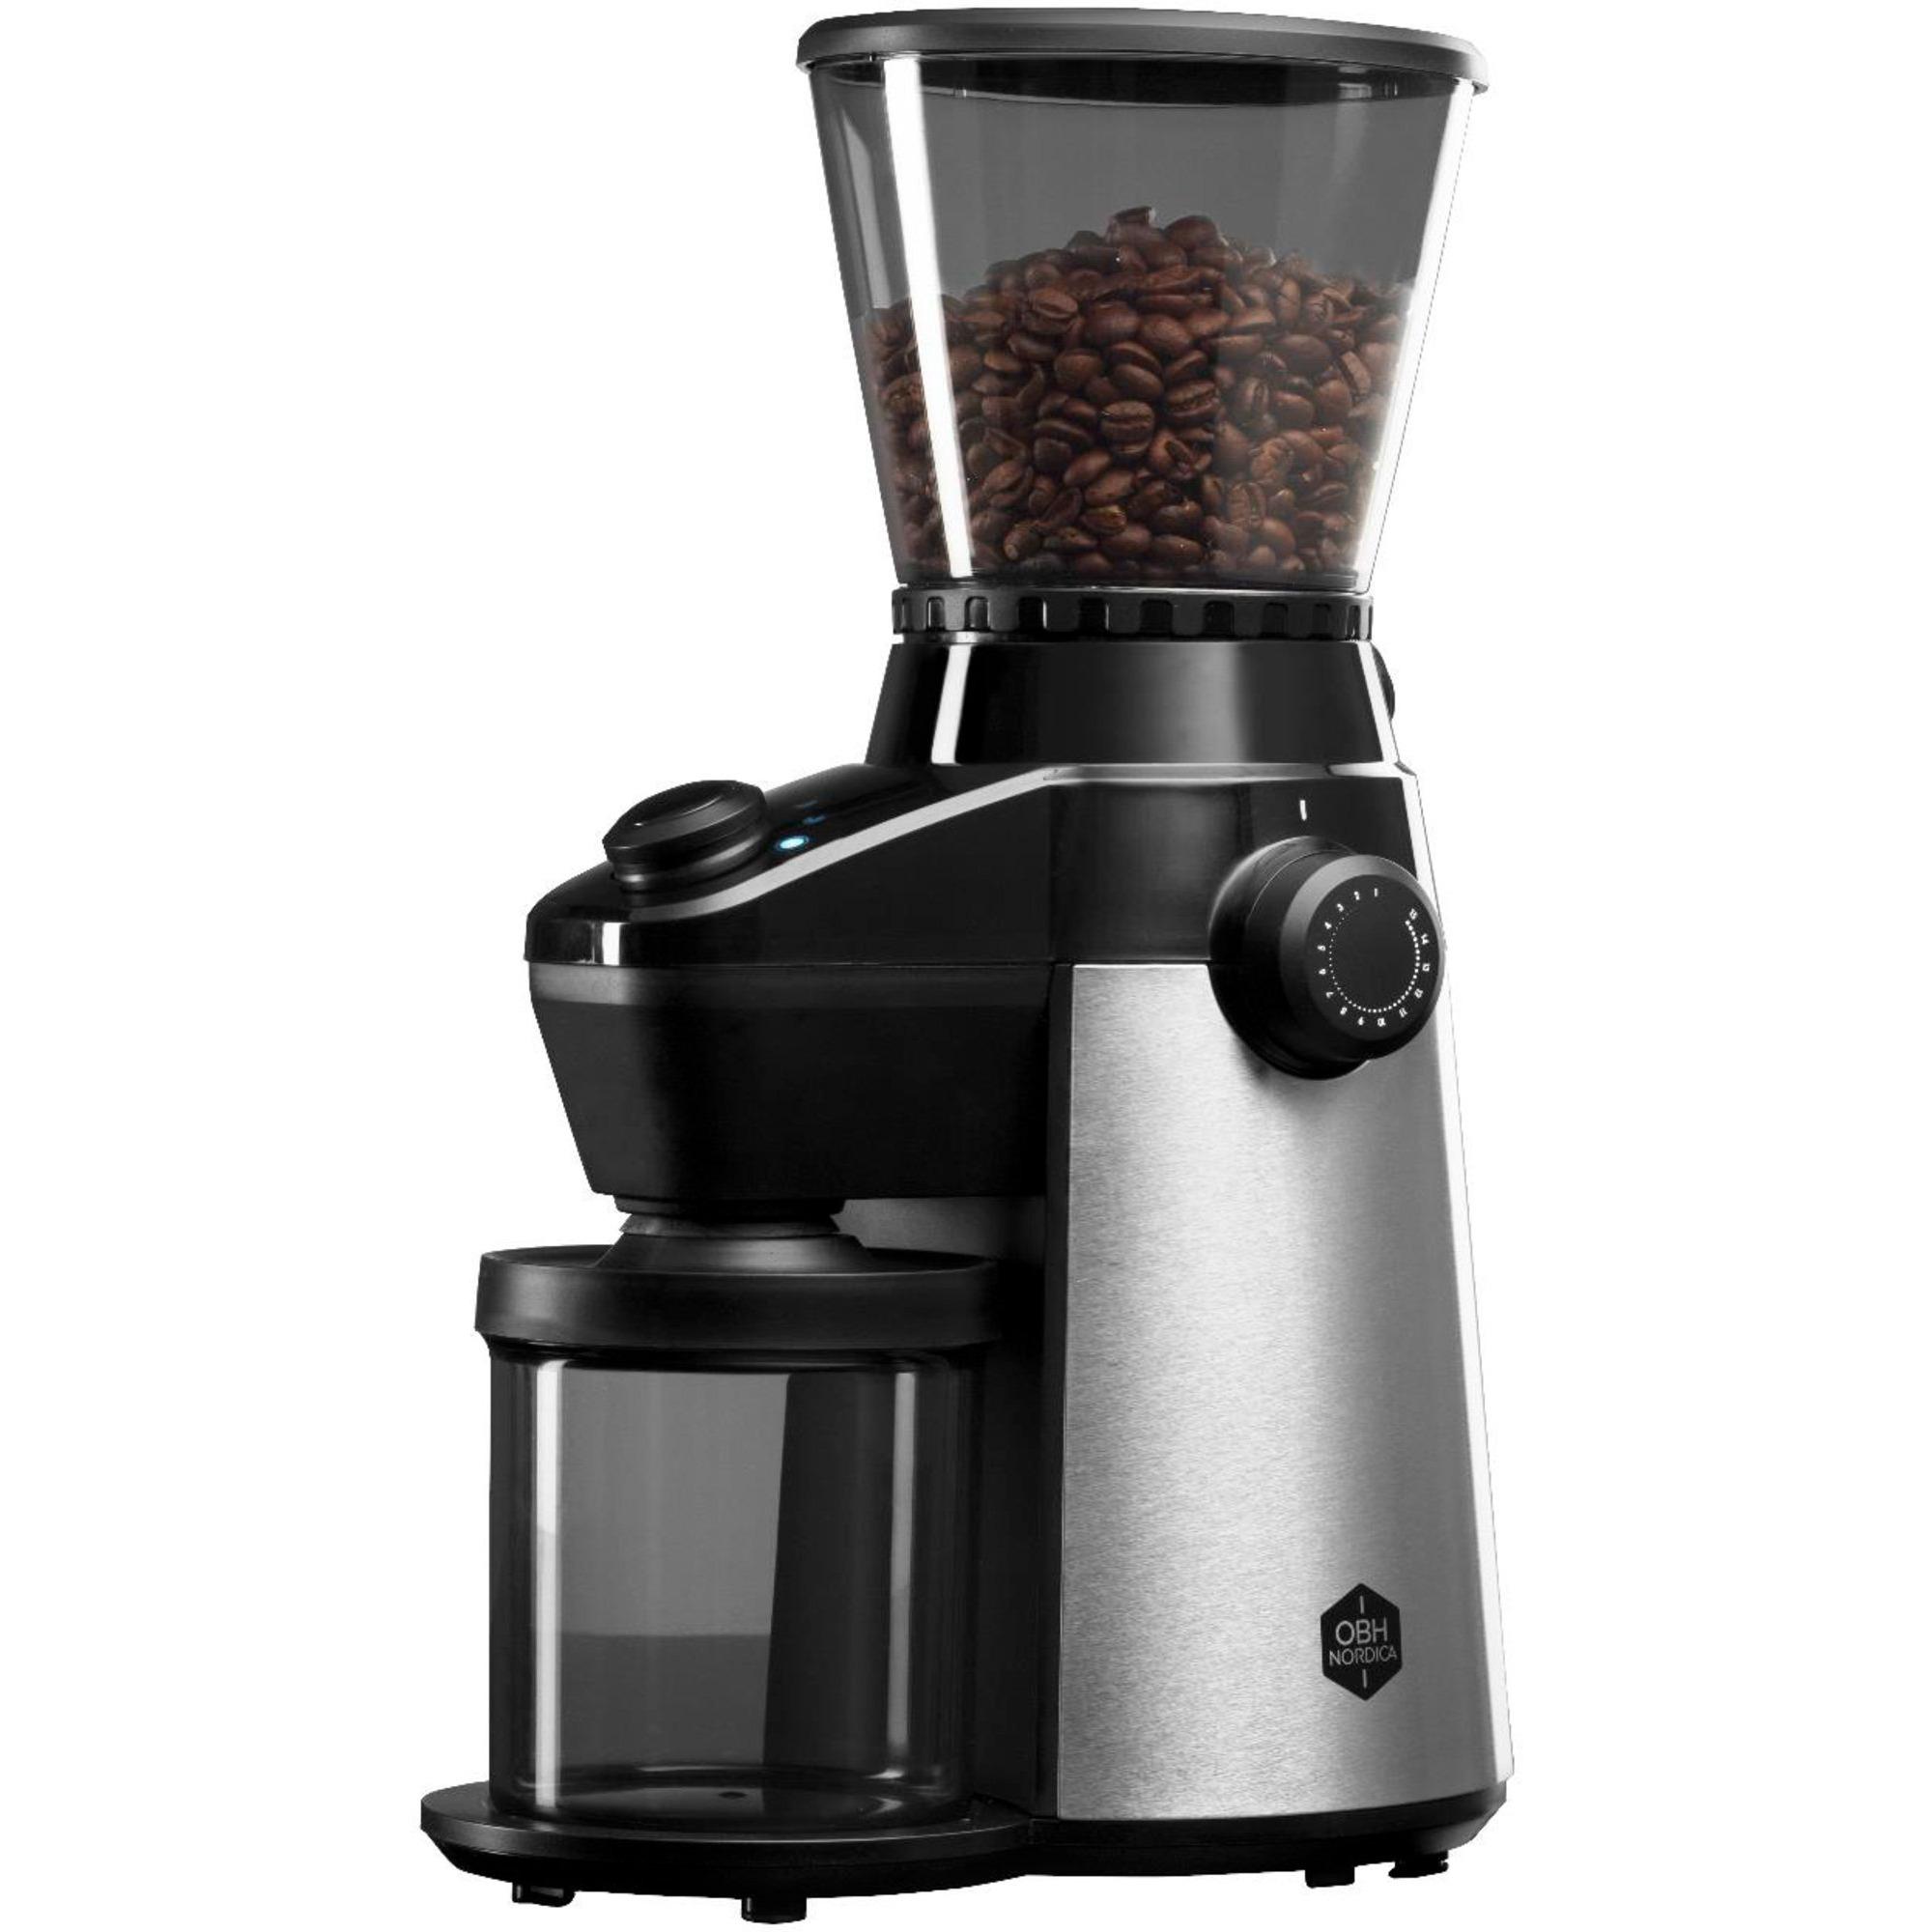 OBH Nordica Precision Konisk kaffekvarn